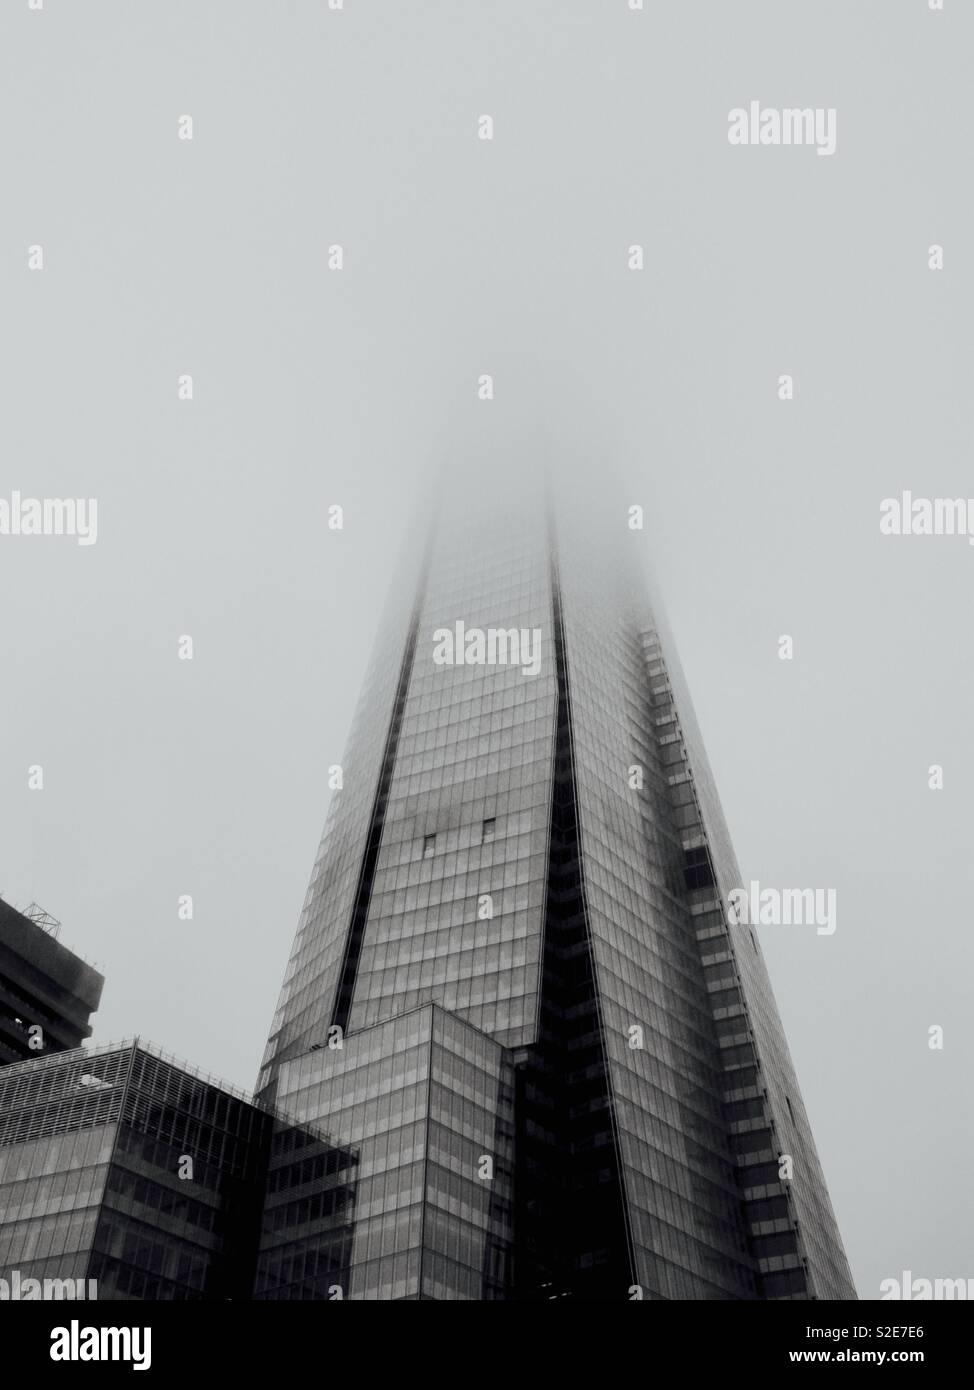 O shard envolta em nevoeiro Imagens de Stock